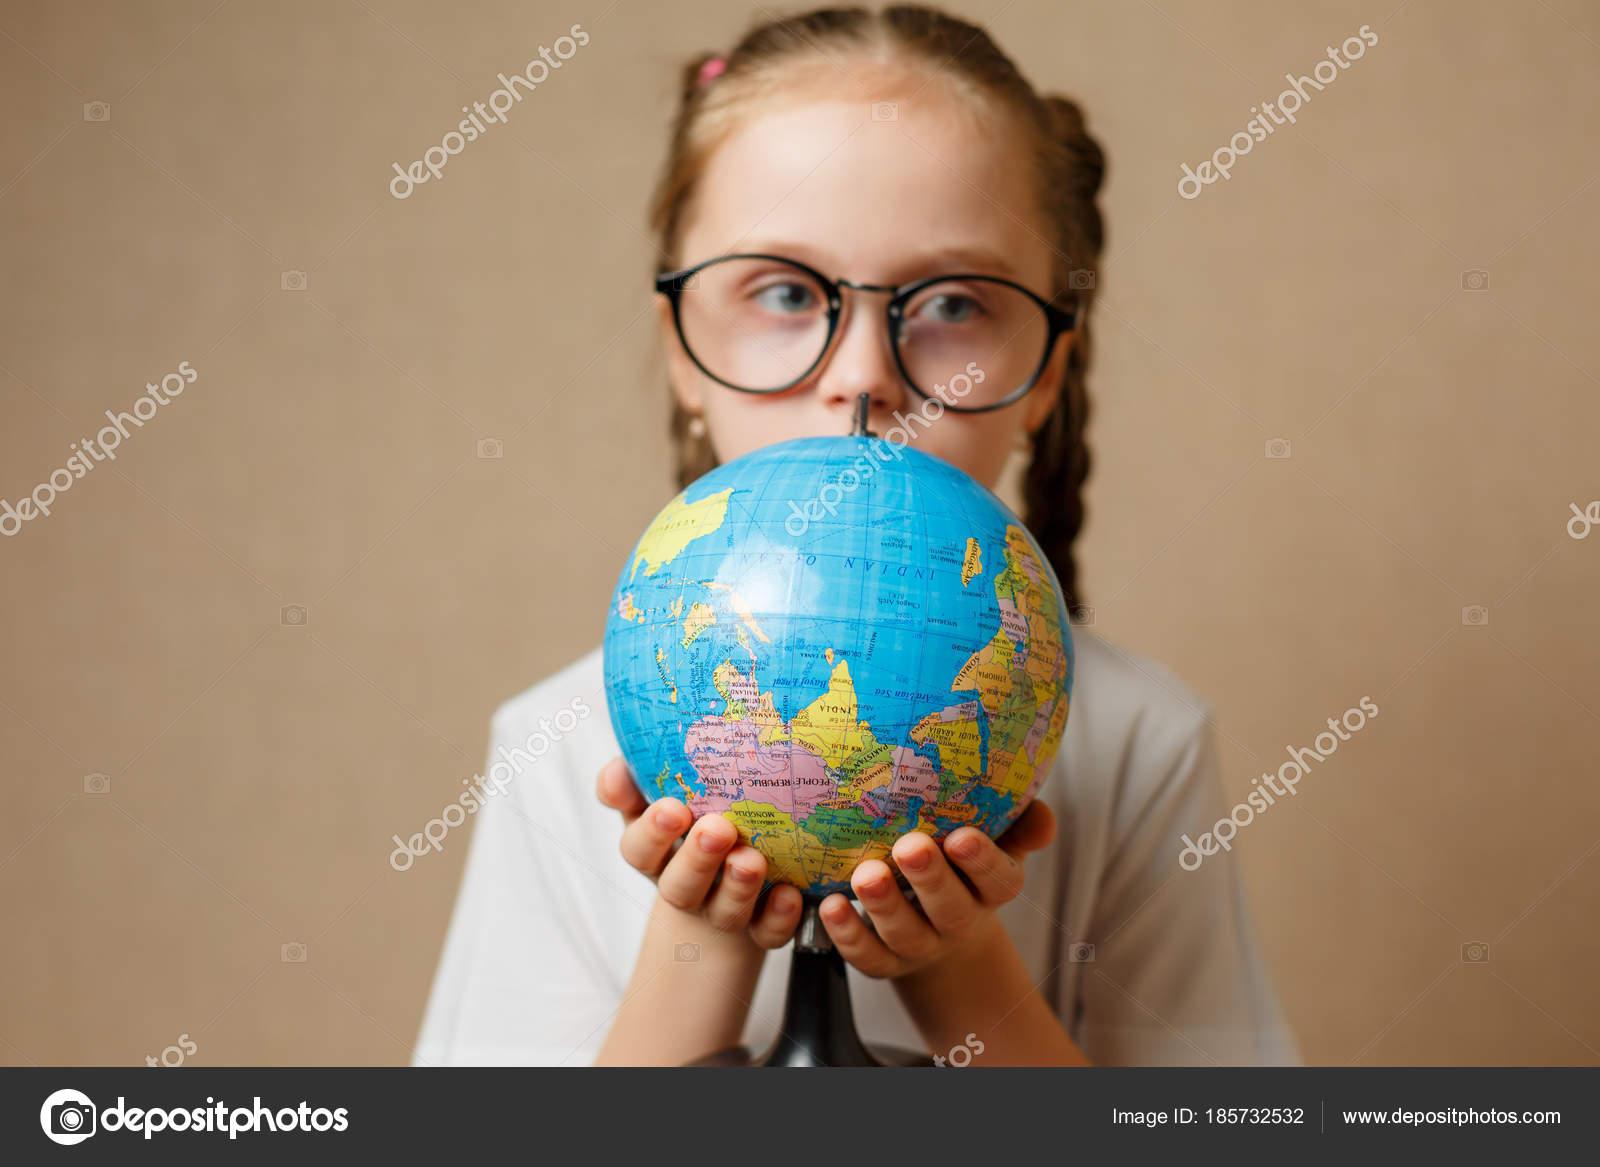 c3ffef98d87d9c Mooi kind meisje met bril thuis dromen van reizen en — Stockfoto ...